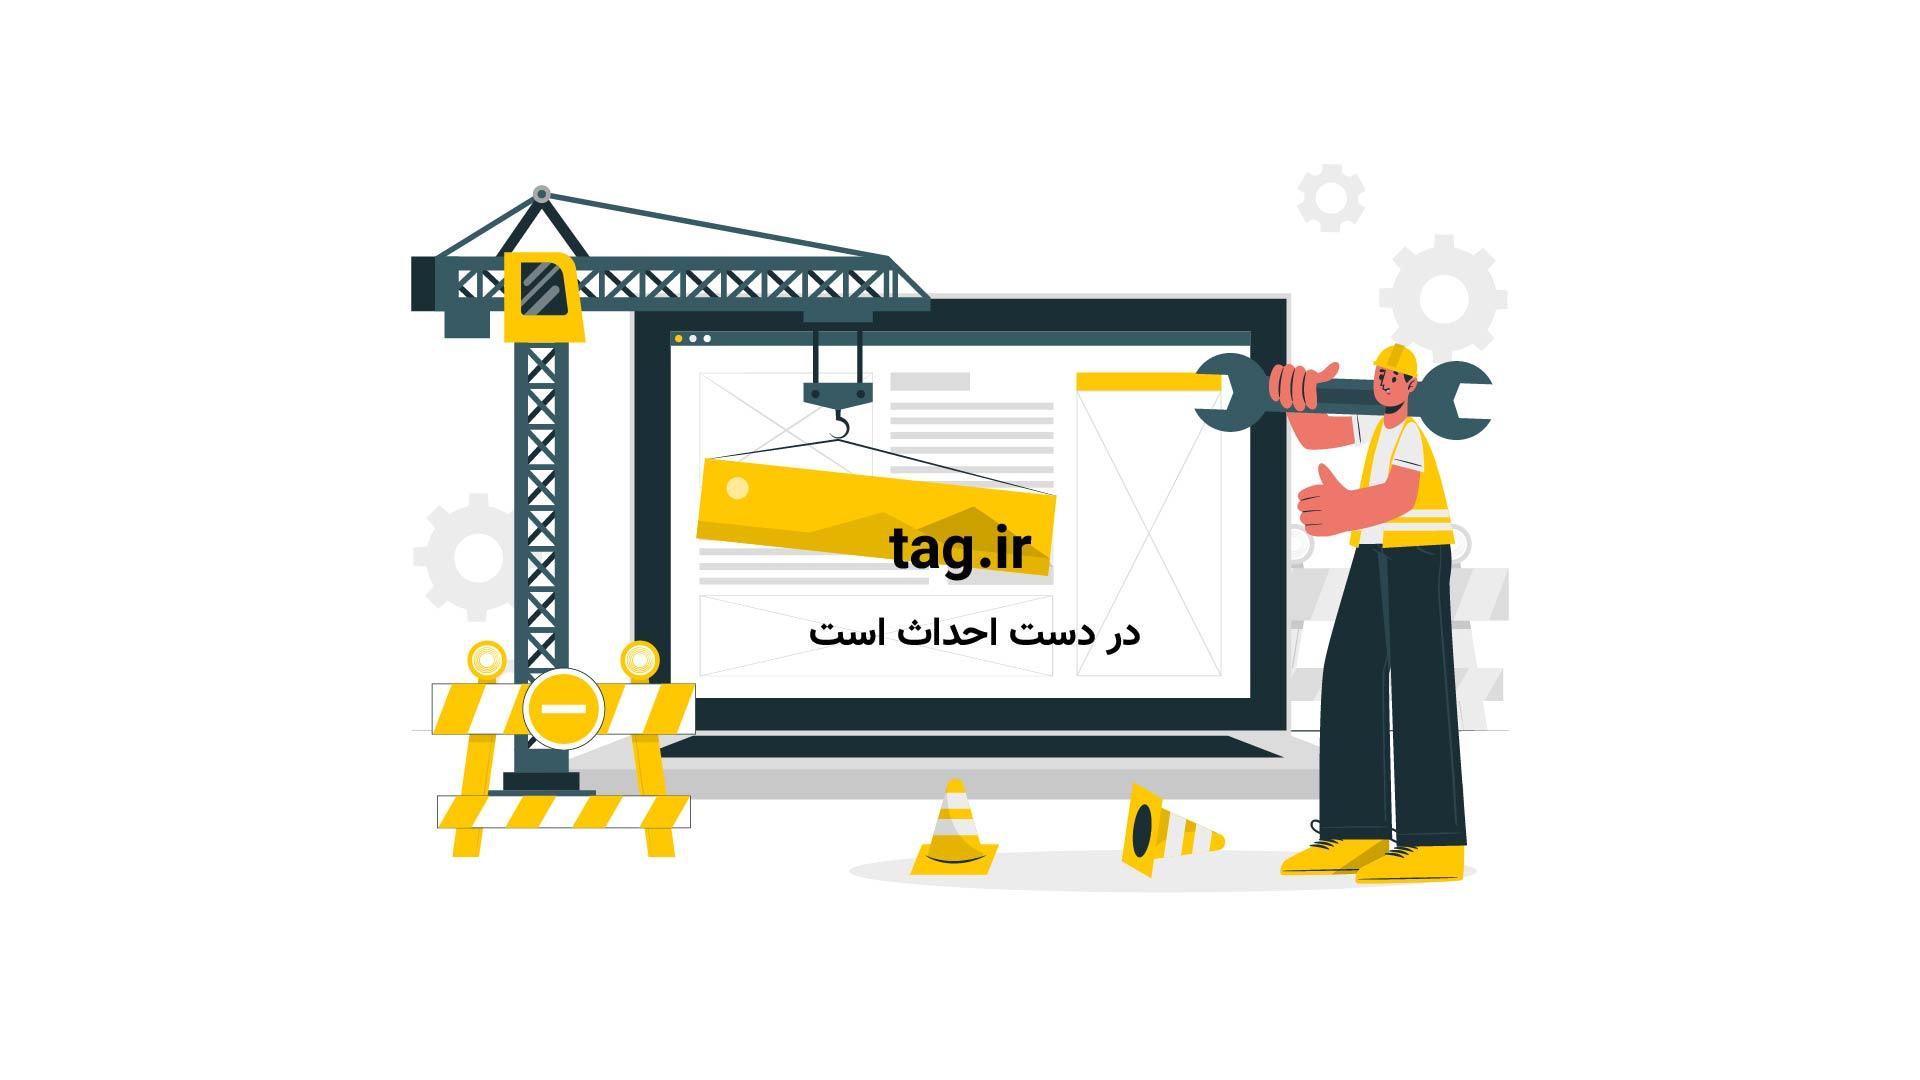 ۱۰ خوراکی برتر در جهان با ارزش غذایی بالا | فیلم